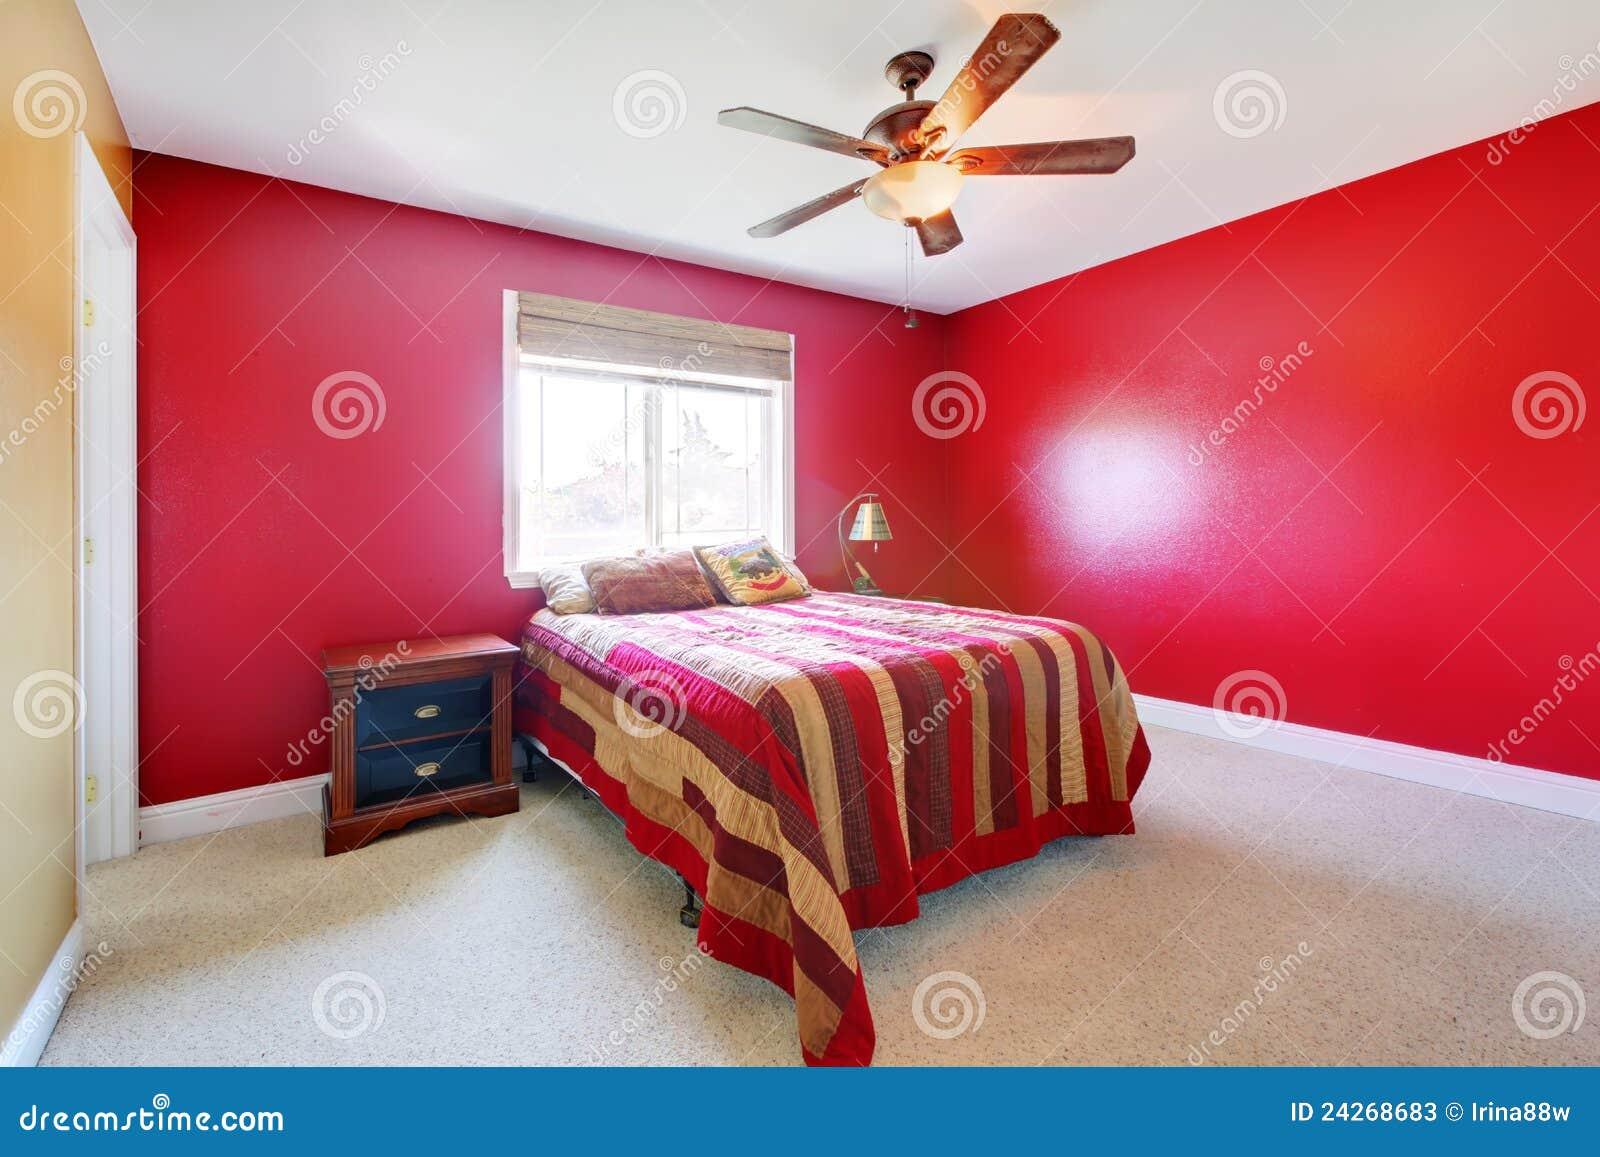 Immagini di riserva di camera da letto rossa la sovranit di download 502 libera le foto - Camera da letto rossa e bianca ...